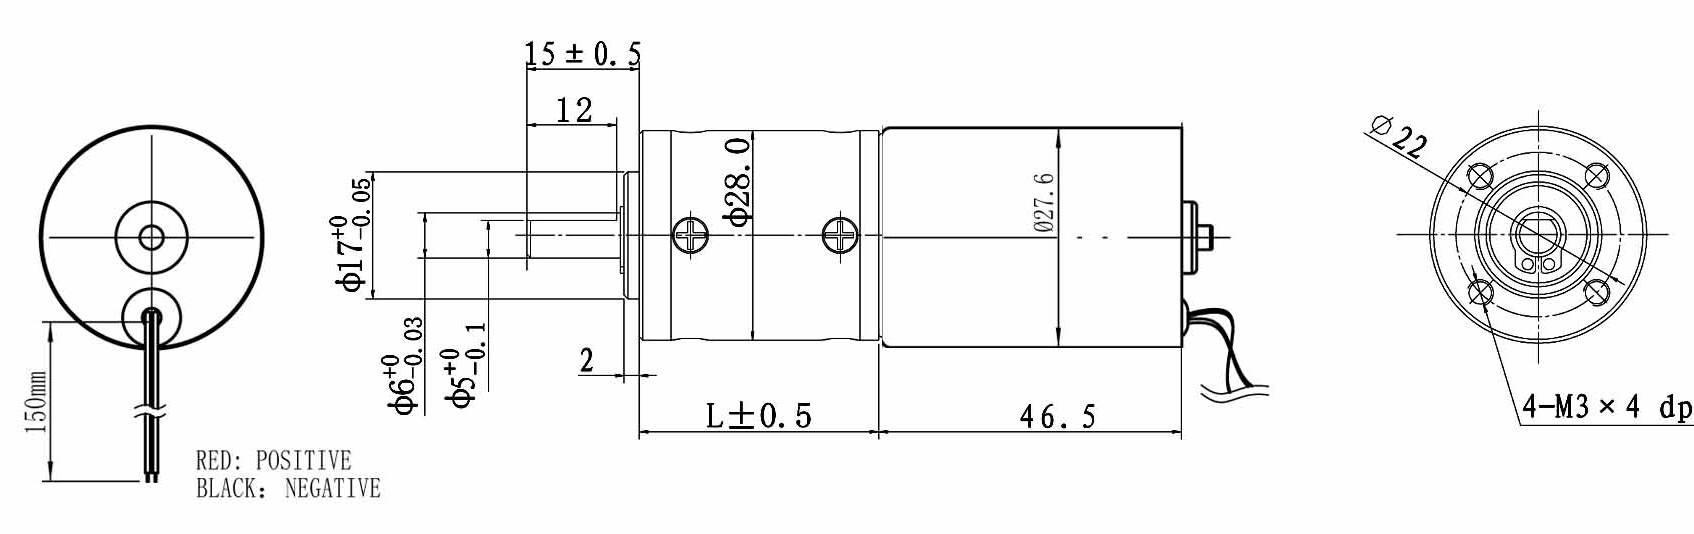 Dsd motor the dc gear motor expert for 12v bldc motor specifications